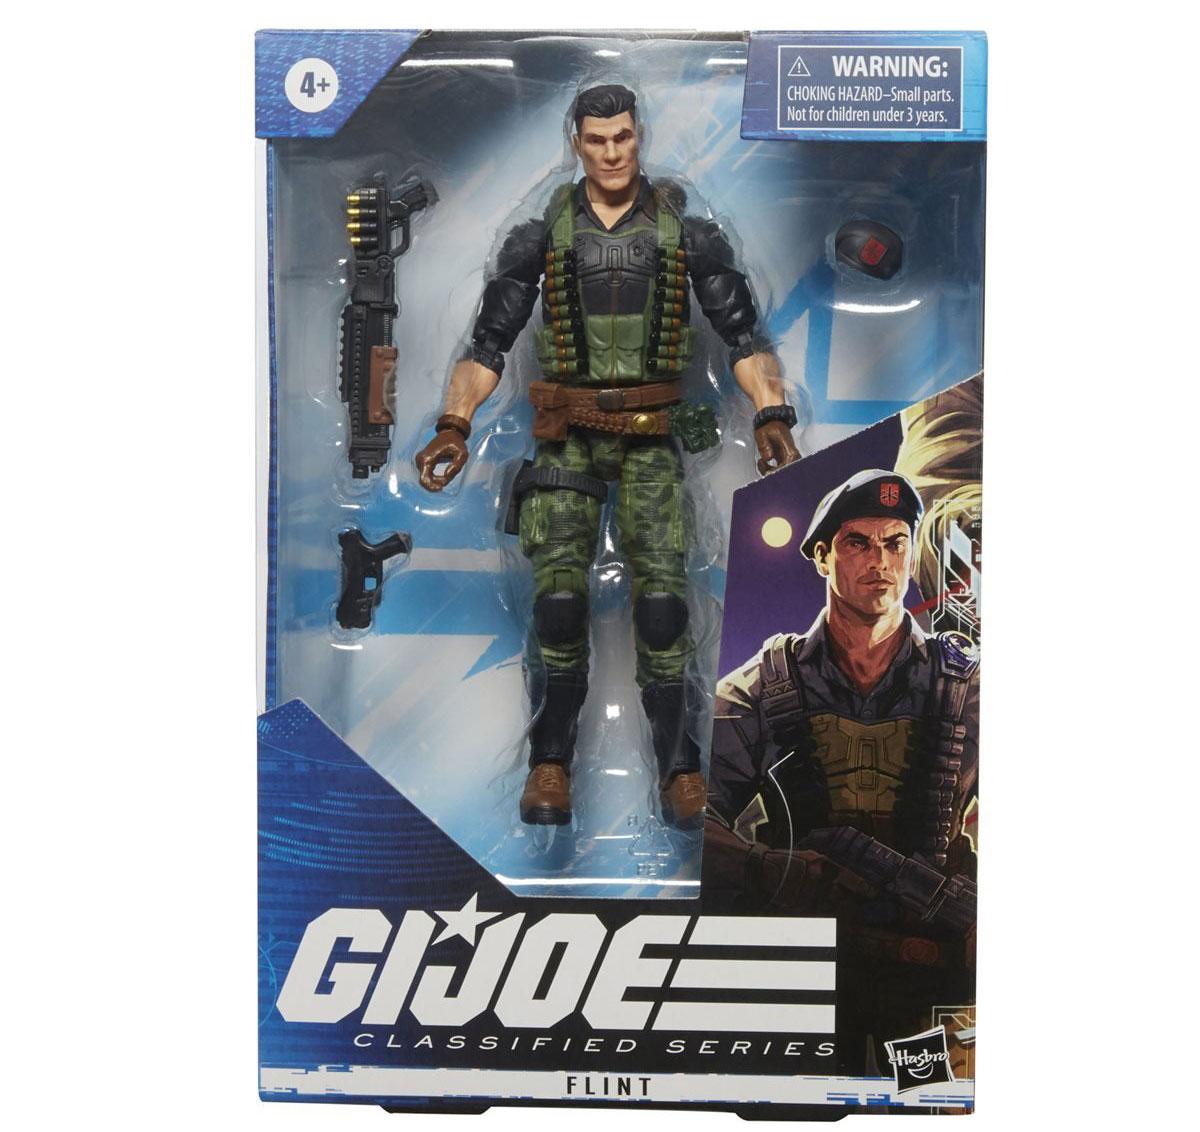 gi-joe-classified-series-flint-action-figure-in-package-box